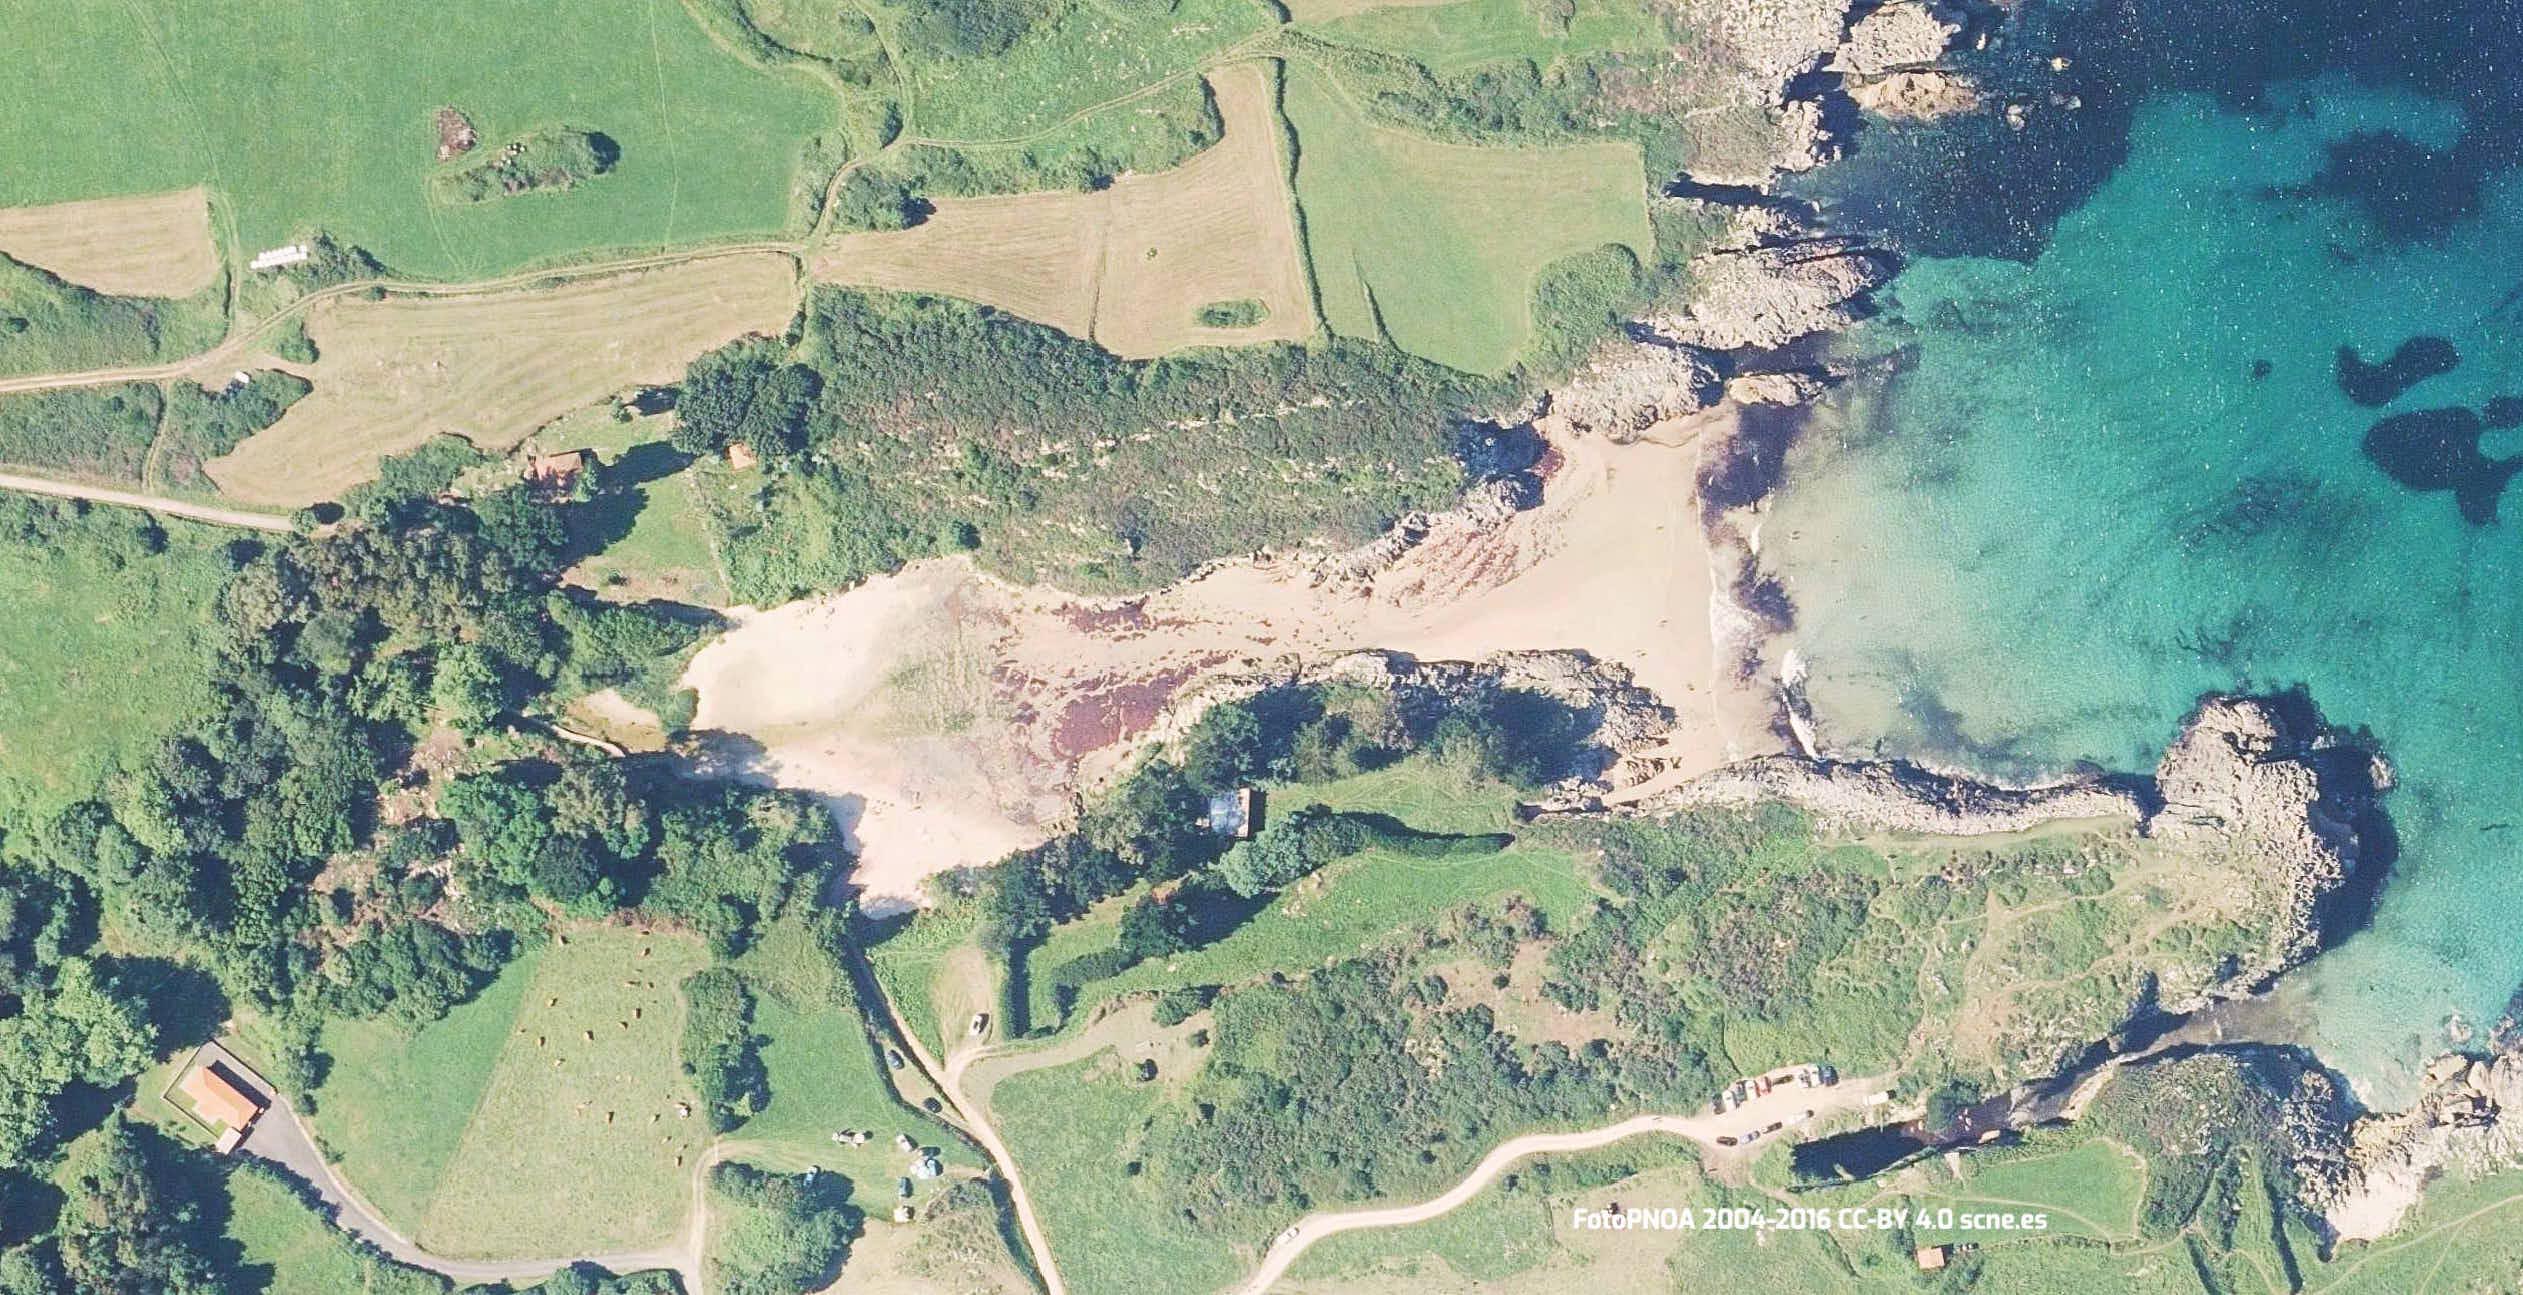 Vista aerea de la playa de Huelga en Llanes, Asturias